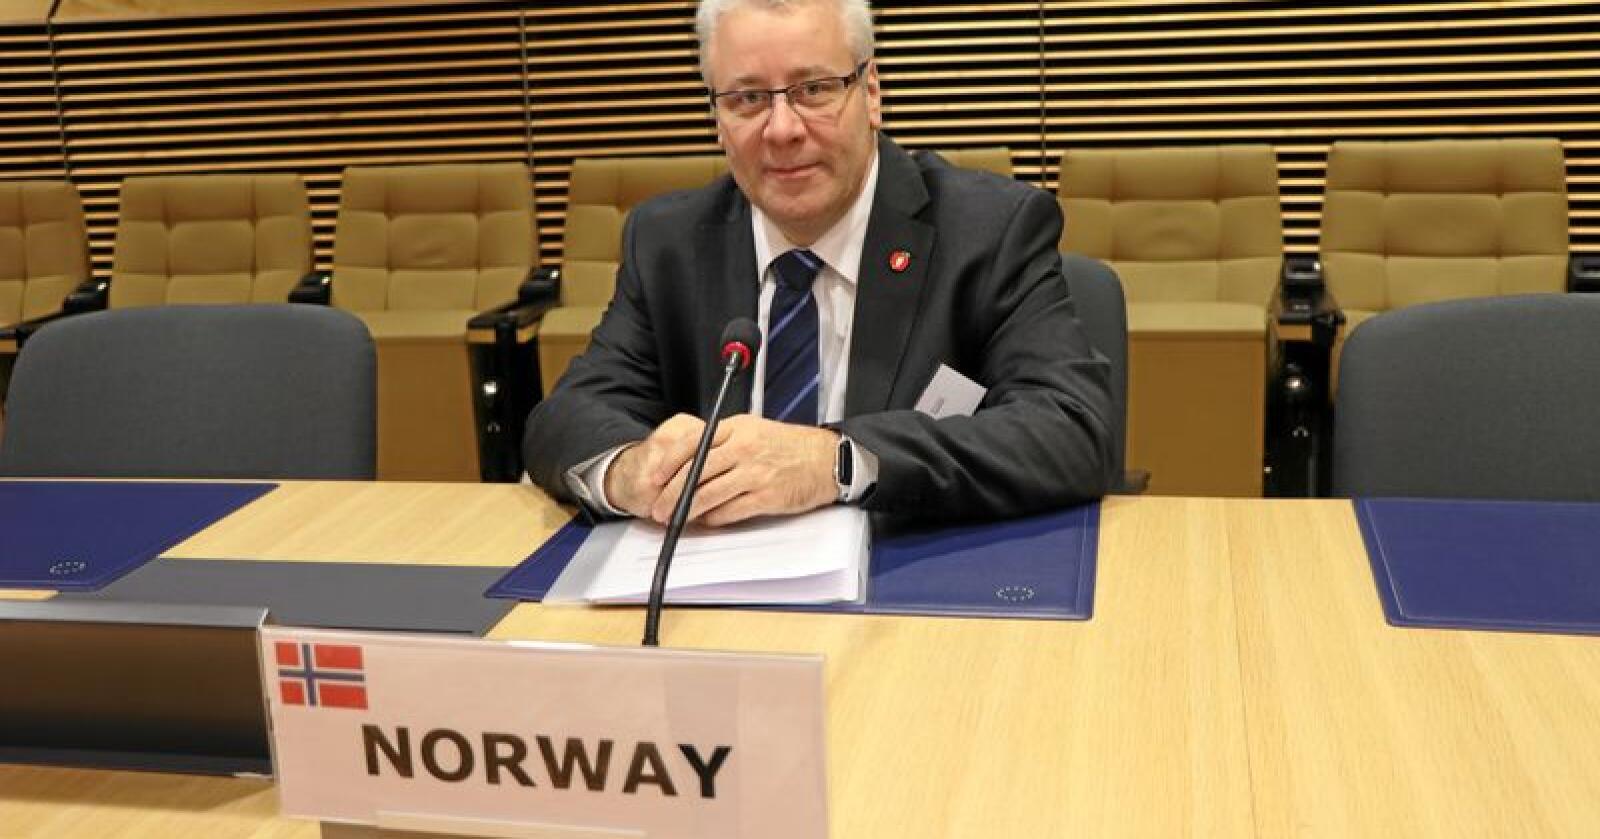 Bård Hoksrud var onsdag i Brussel for å diskutere villsvin og afrikansk svinepest med statsråder i land i EU. Foto: LMD